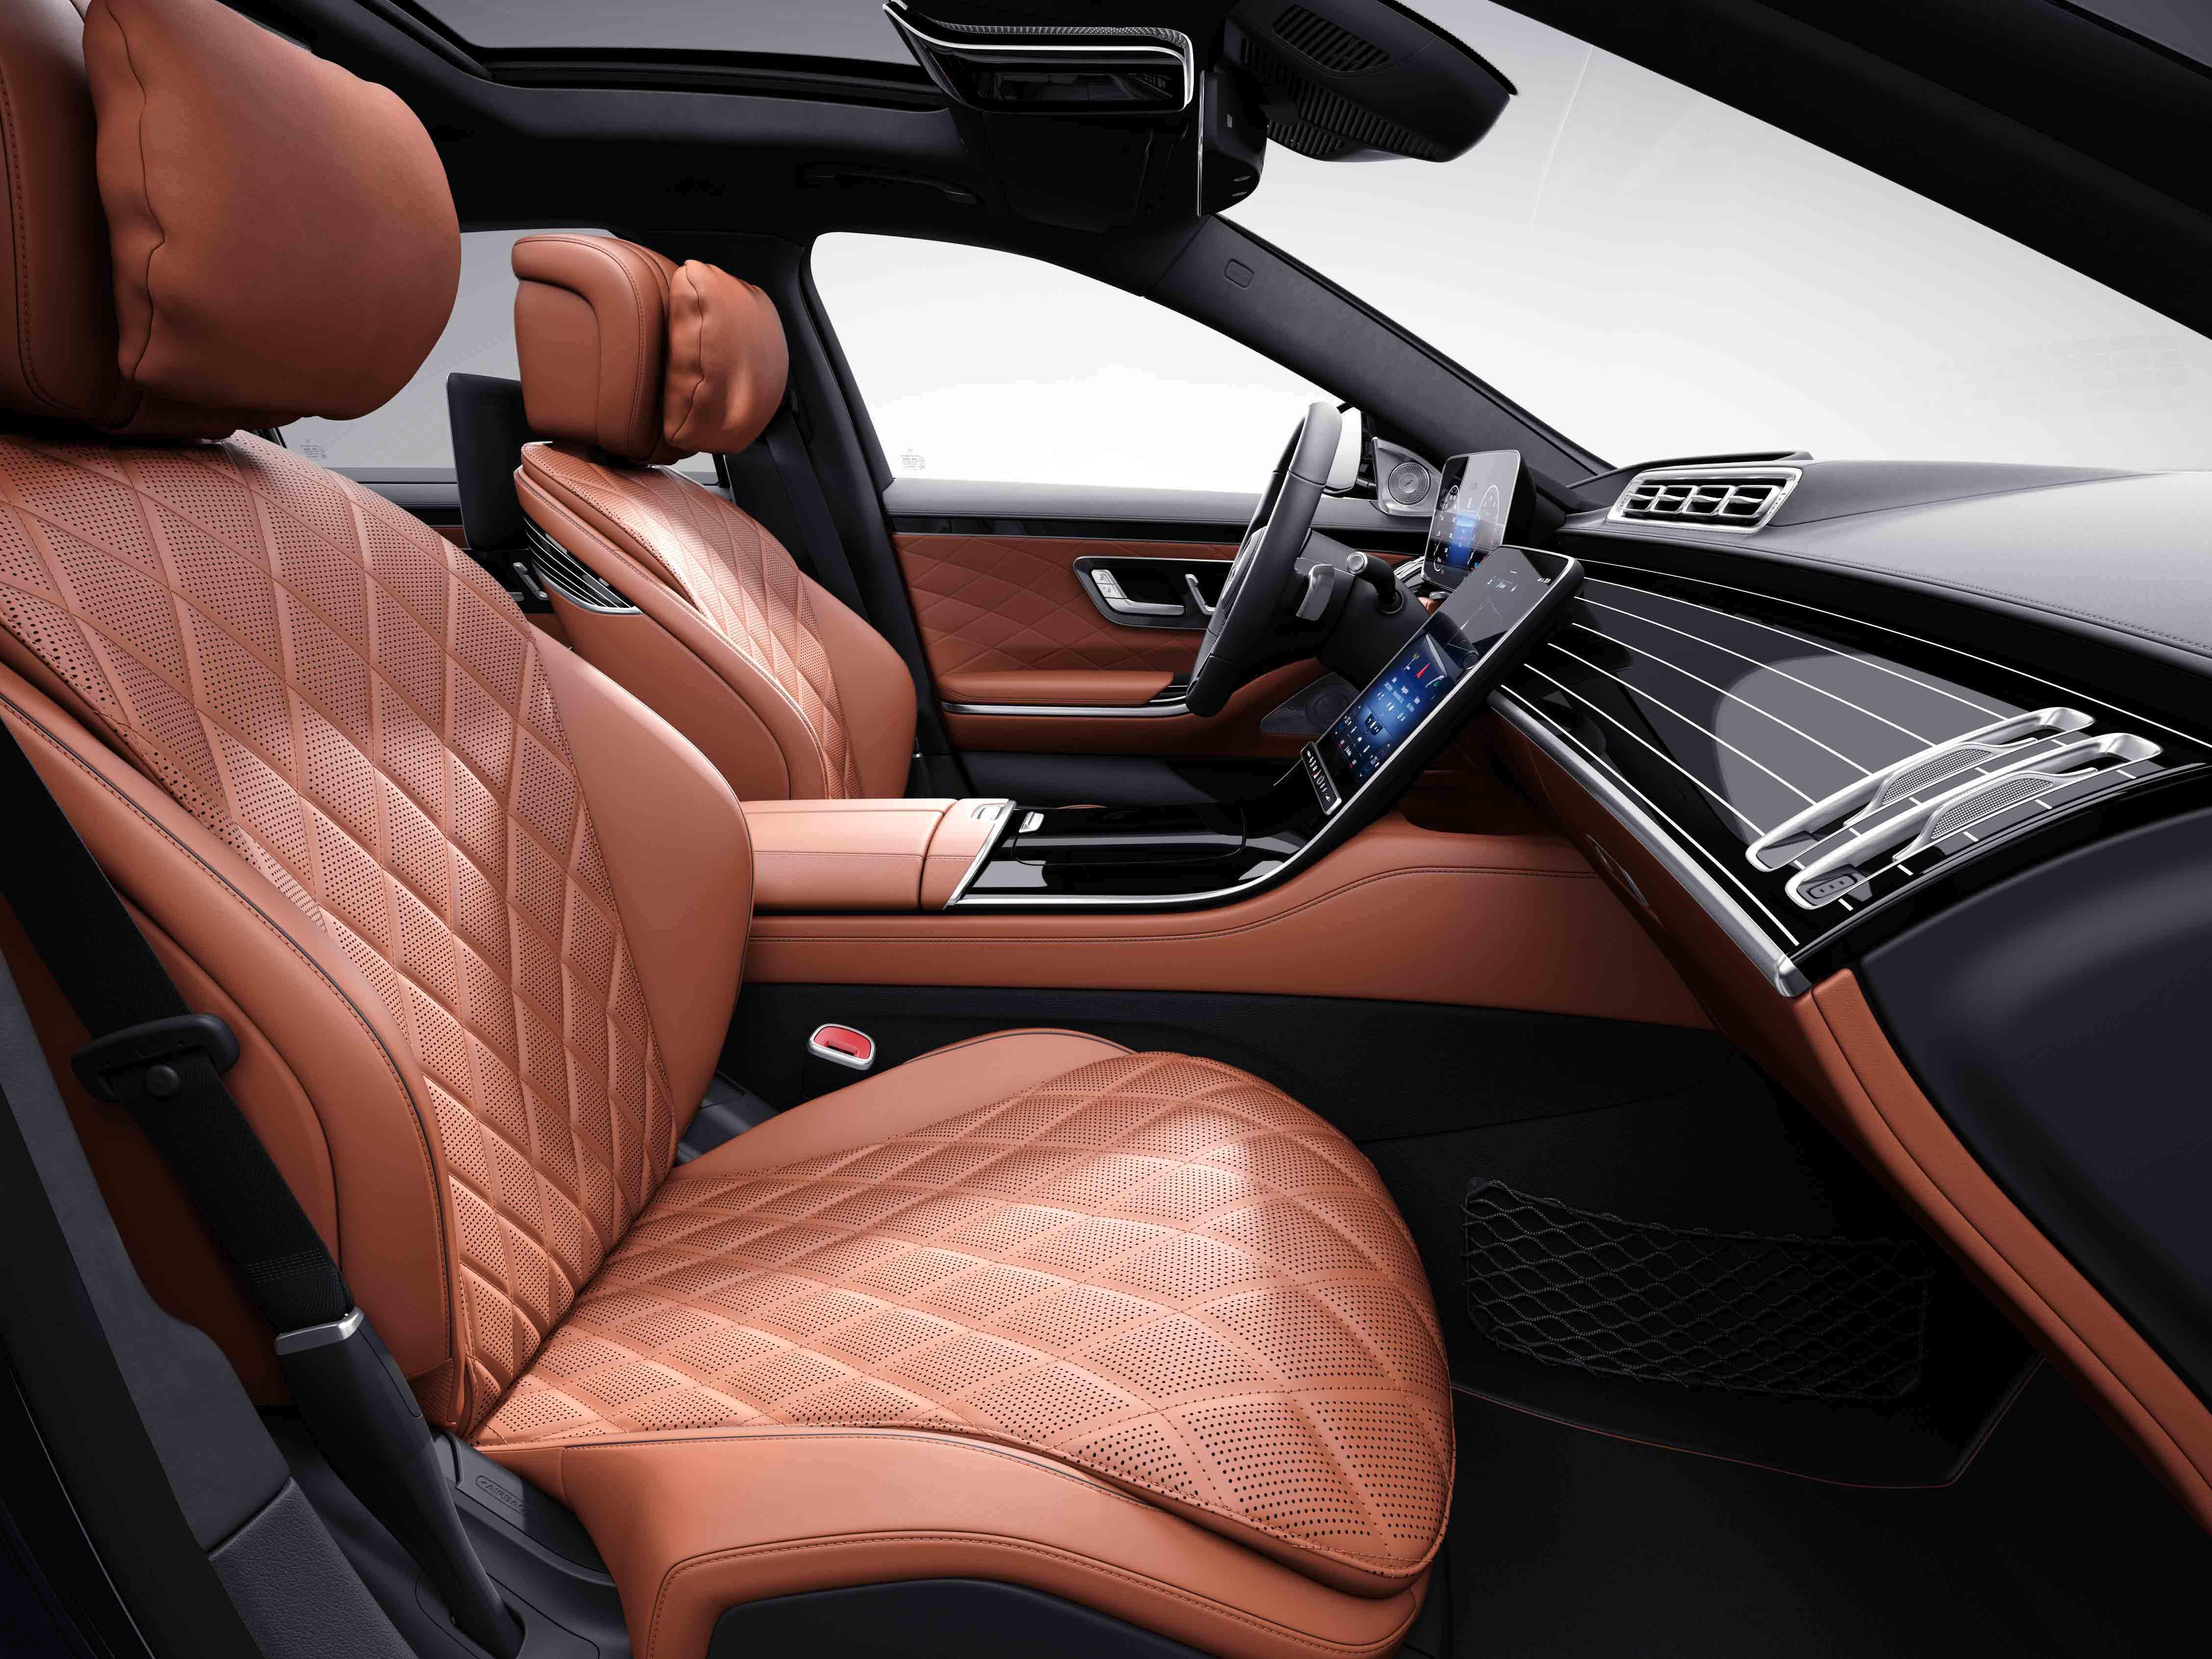 Habitacle de la Mercedes Classe S Limousine avec une sellerie cuir nappa - gris magma marron expresso